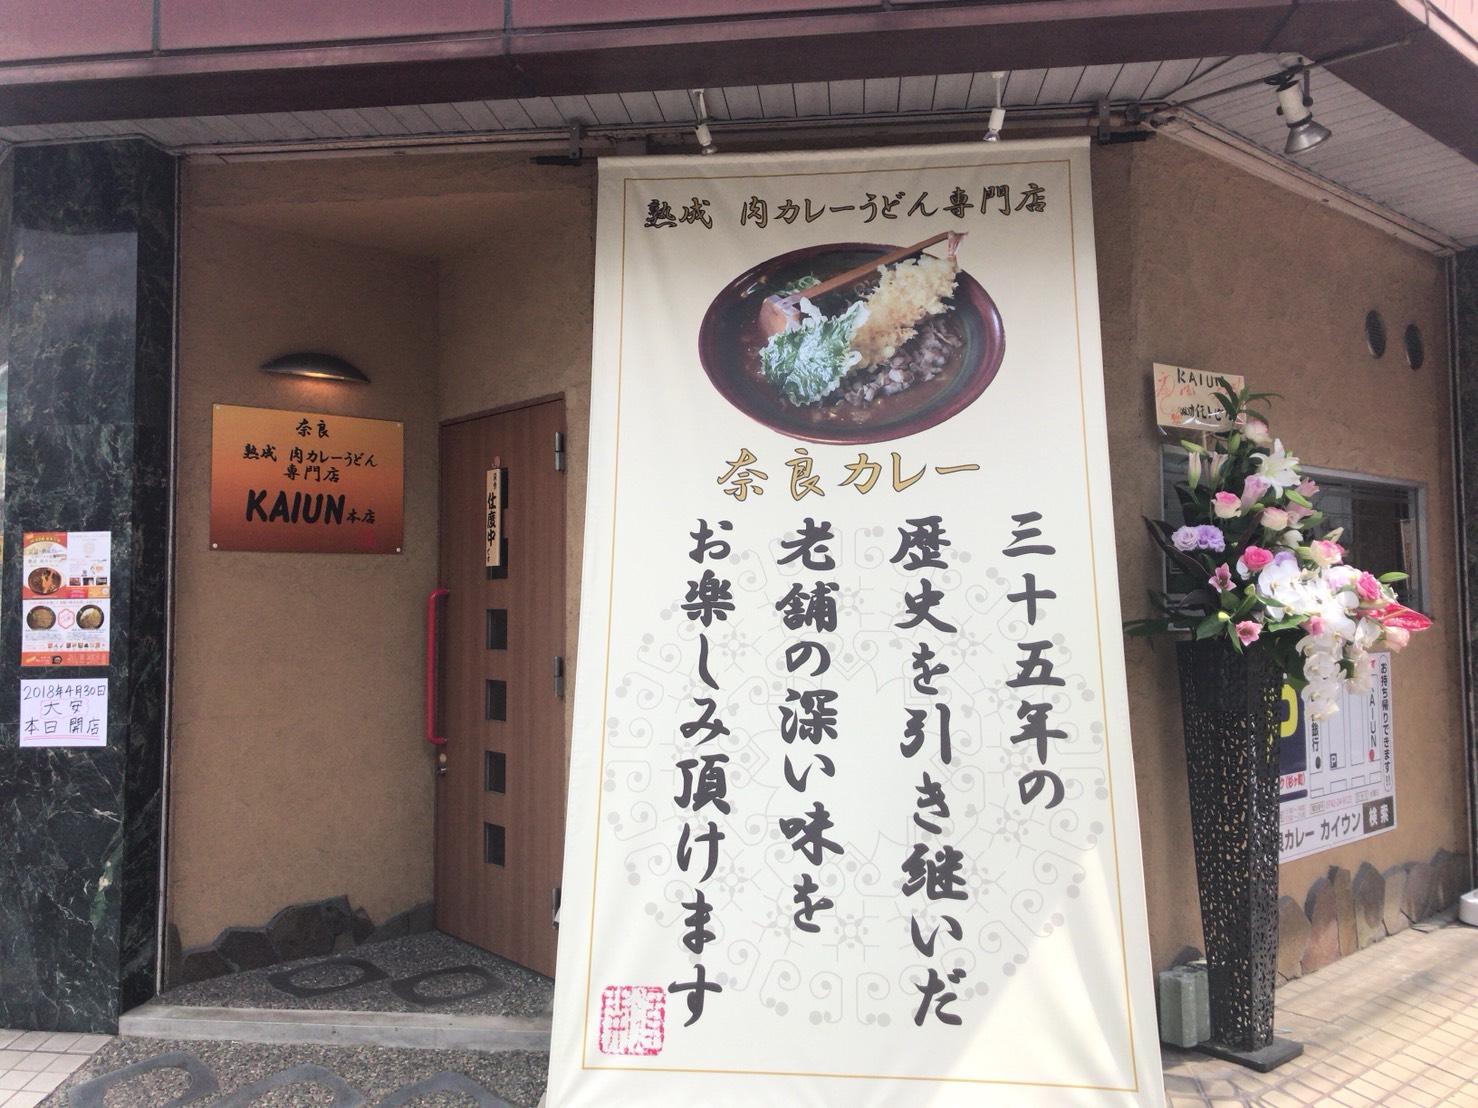 奈良県 大和郡山市小泉駅前美容室SWEET ROOM  熟成 肉カレーうどんKAIUN 誕生の秘話!!